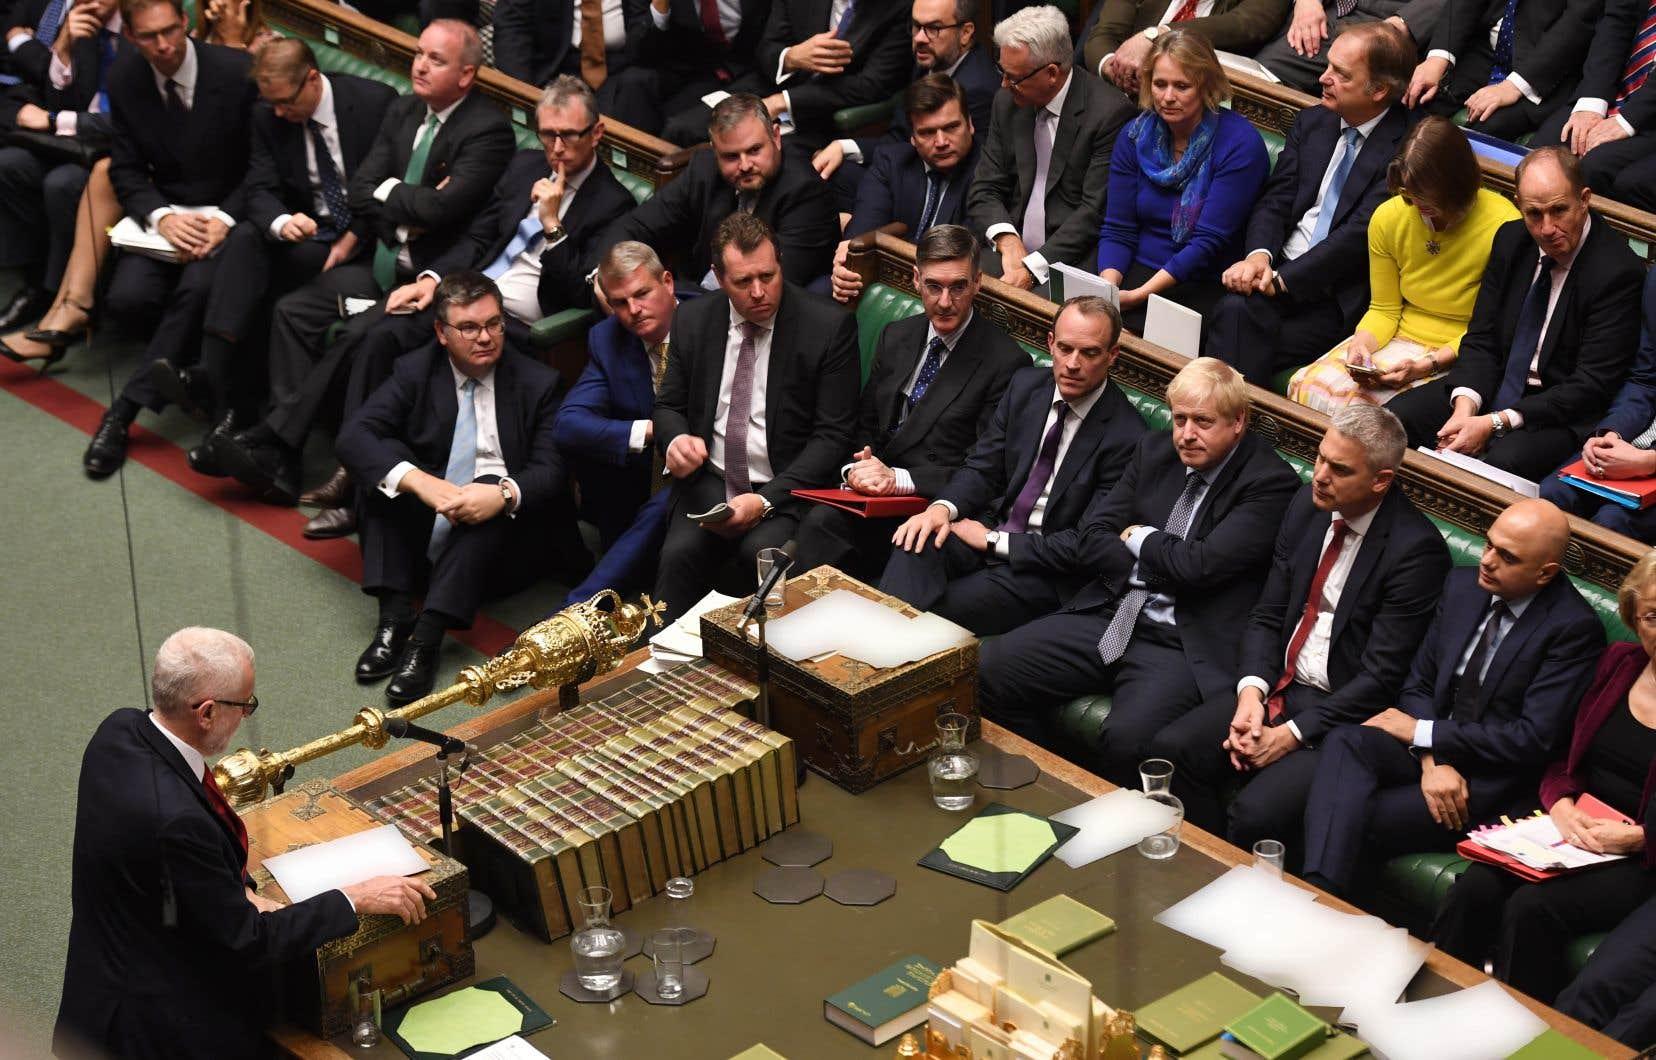 Les députés britanniques ont adopté samedi un amendement qui reporte l'approbation du Parlement de l'accord de Brexit, le temps que soit adoptée toute la législation nécessaire à sa mise en oeuvre.